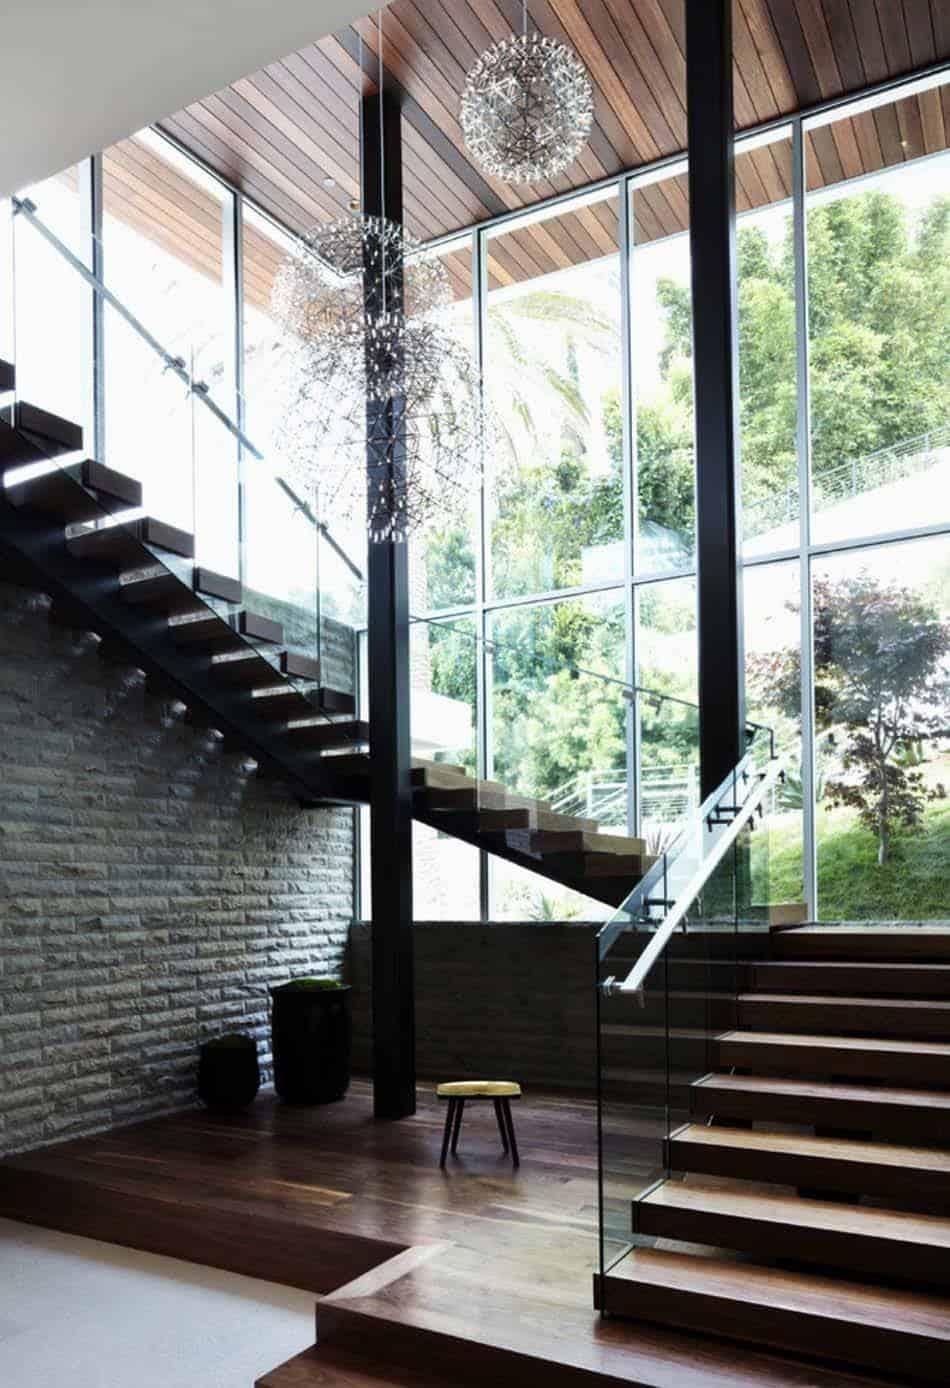 Modern-Architecture-Estate-Erinn V Design-07-1 Kindesign